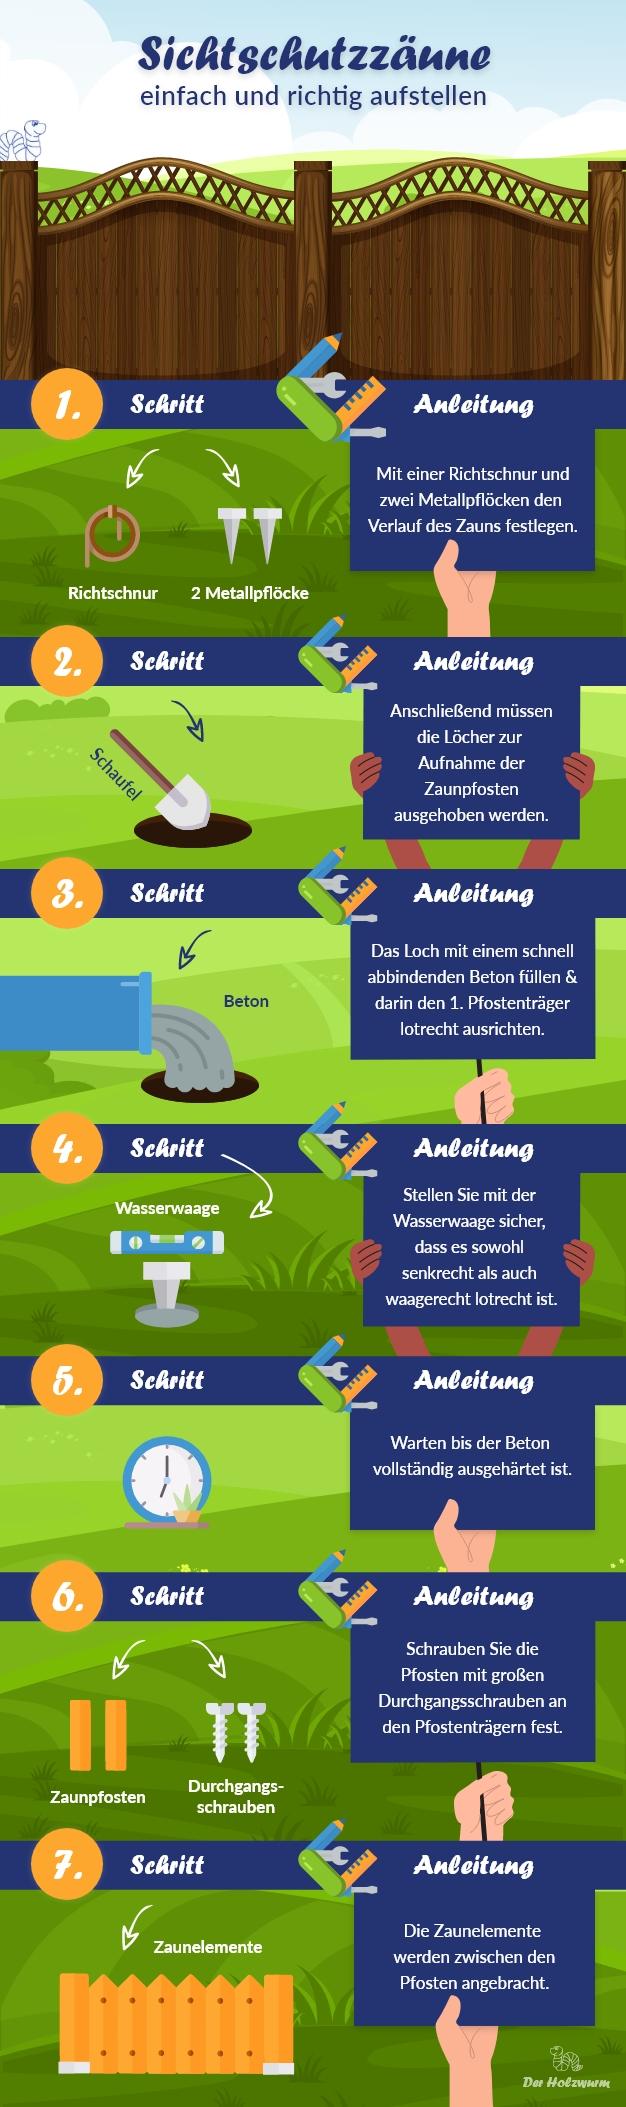 Sichtschutz aufstellen Infografik holzwurm